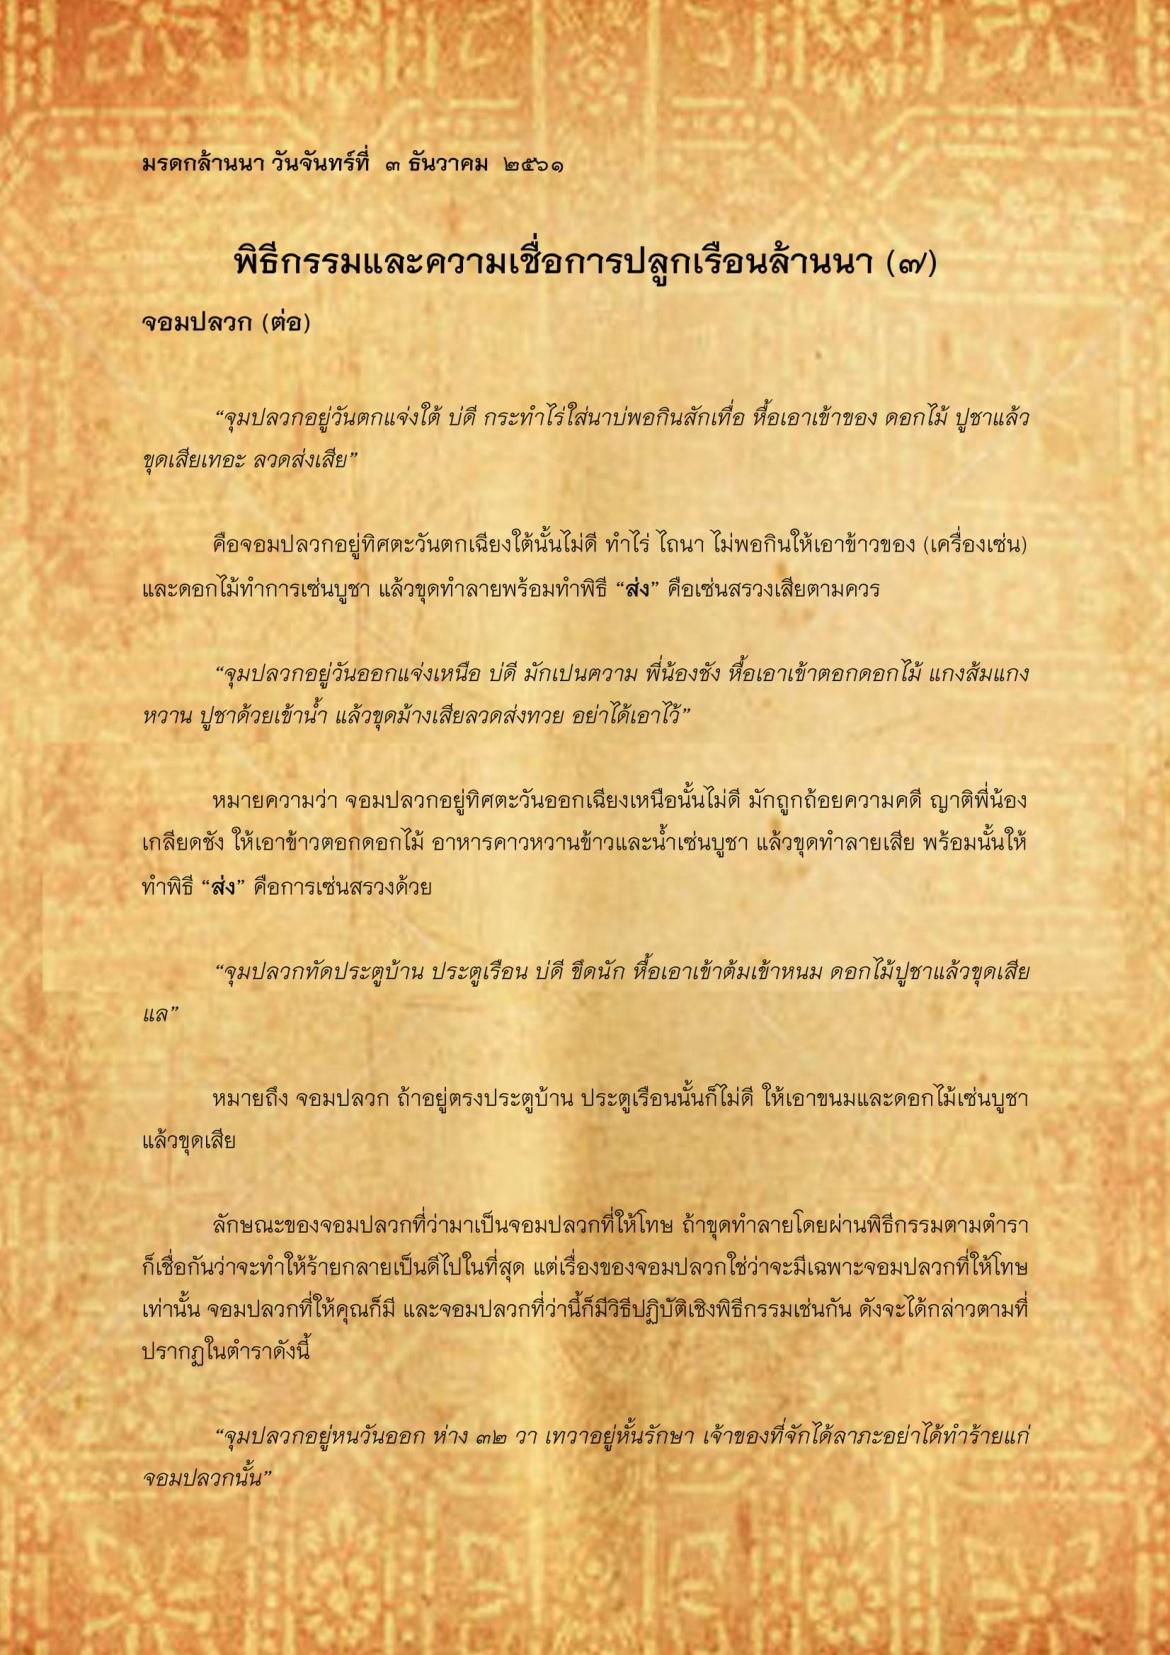 พิธีกรรมเเละความเชื่อการปลูกเรือนล้านนา(7) - 3 ธันวาคม 2561